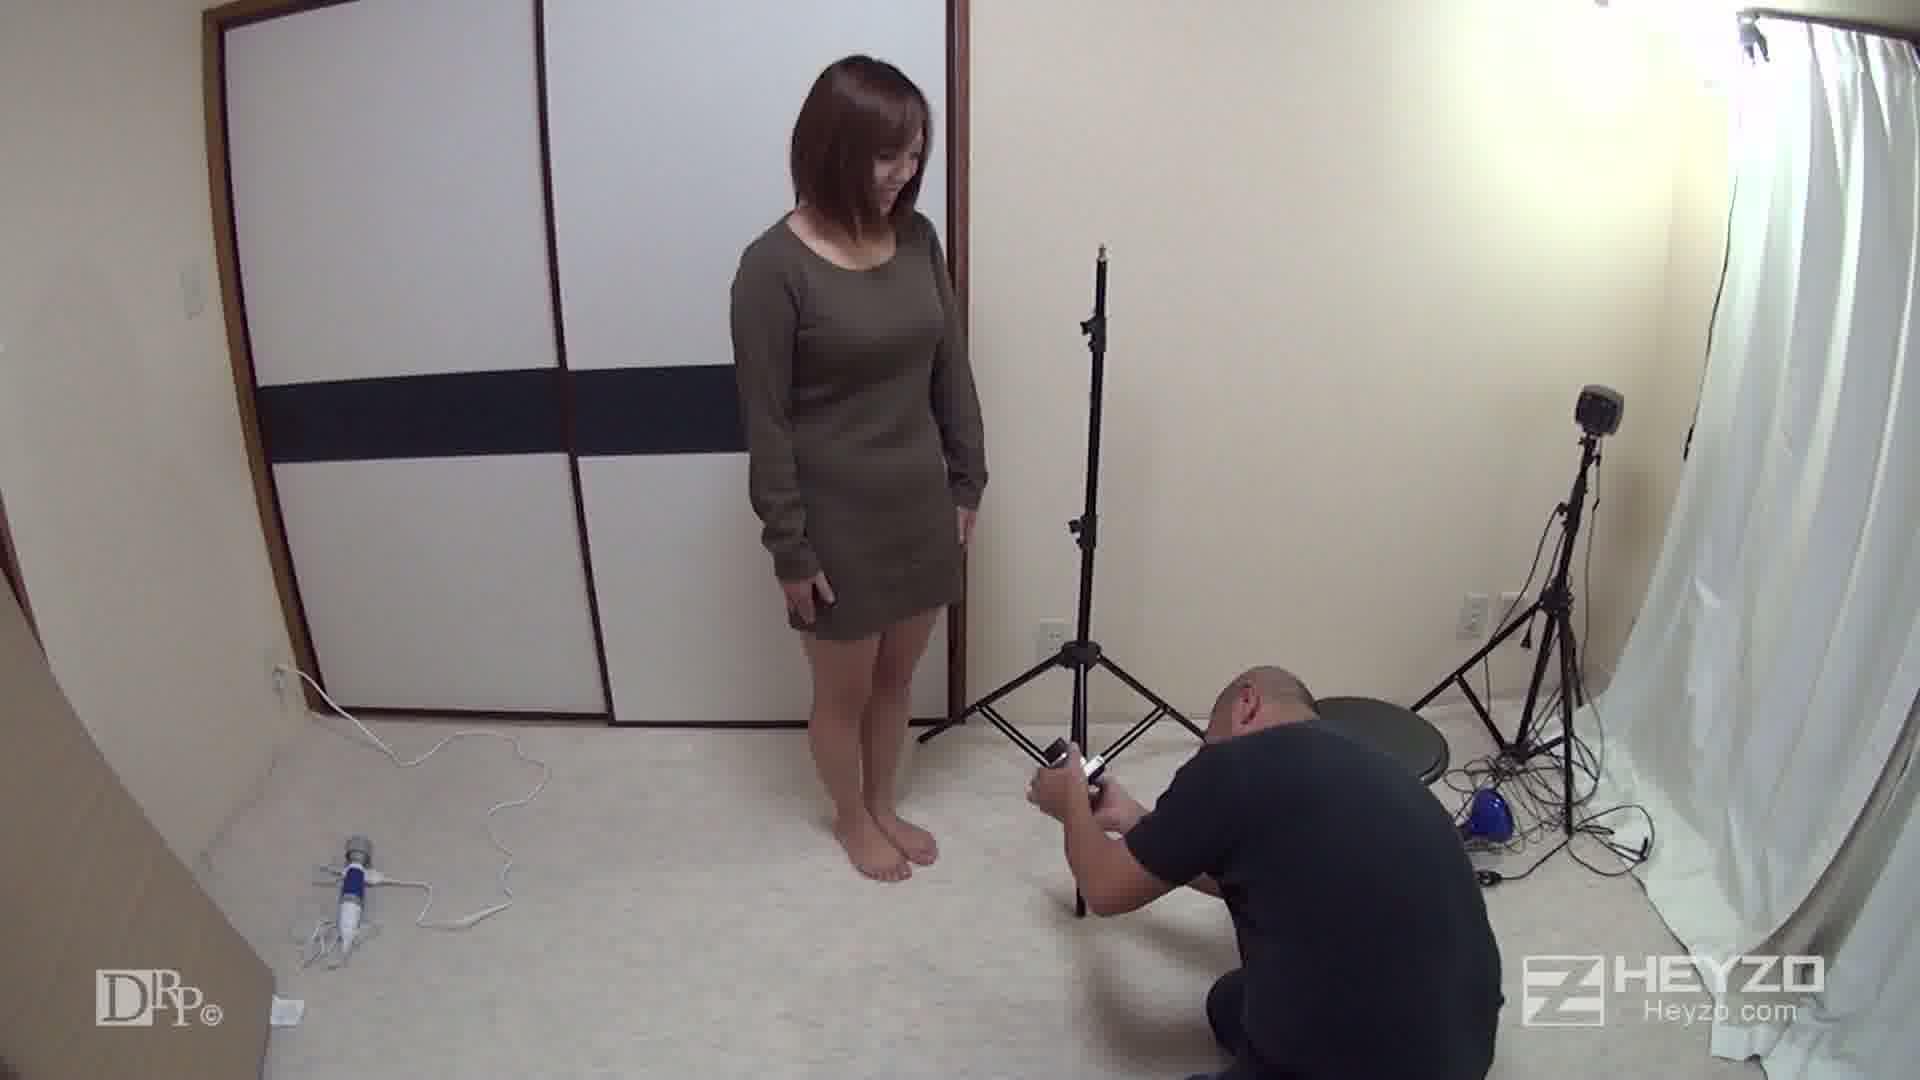 ヌード撮影会にきた純粋娘を密室独り占め - 美月優菜【インタビュー 脱衣】